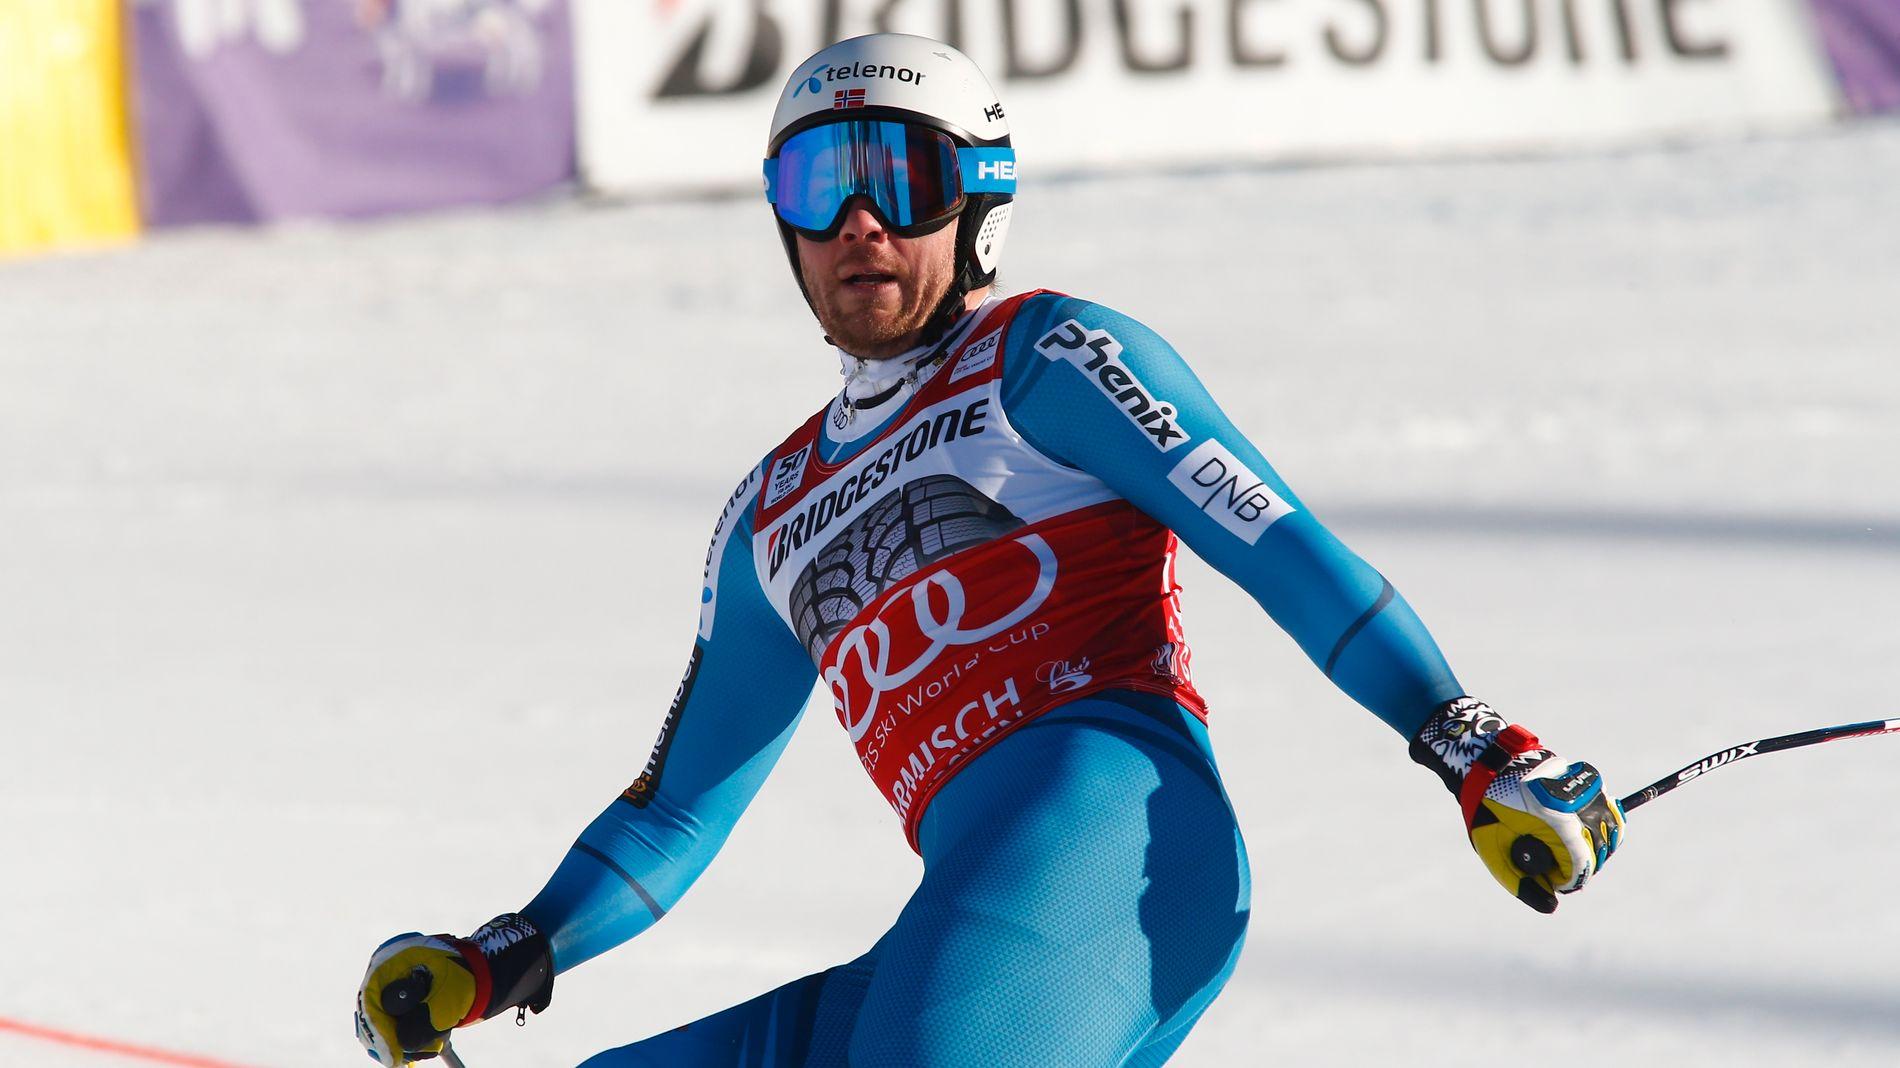 Kjetil Jansrud kikker opp på resultattavlen i målområdet, og må erkjenne at han var over åtte tideler bak Hannes Reichelt etter utforrennet i Garmisch Partenkirchen.